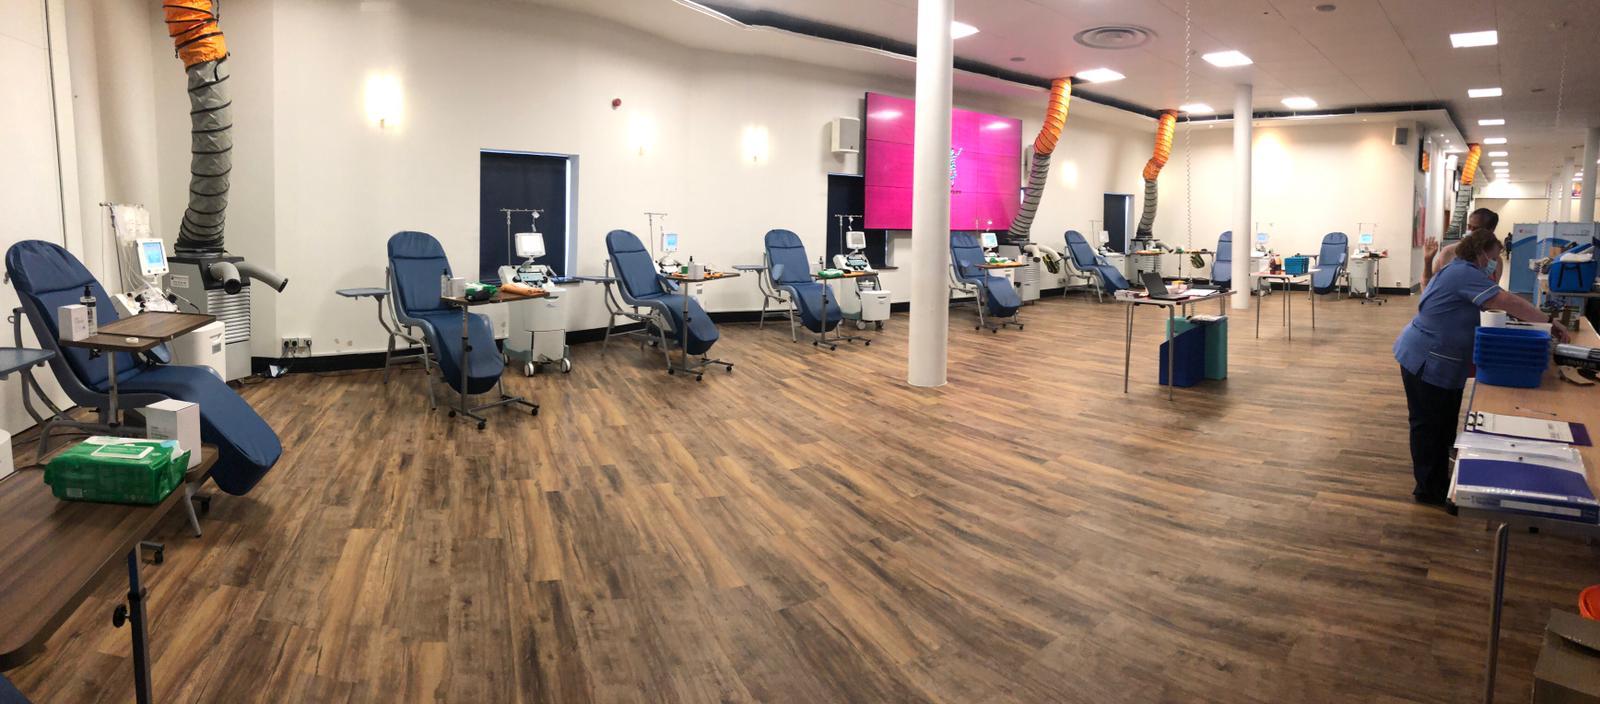 'pop-up' COVID-19 convalescent plasma donor centre